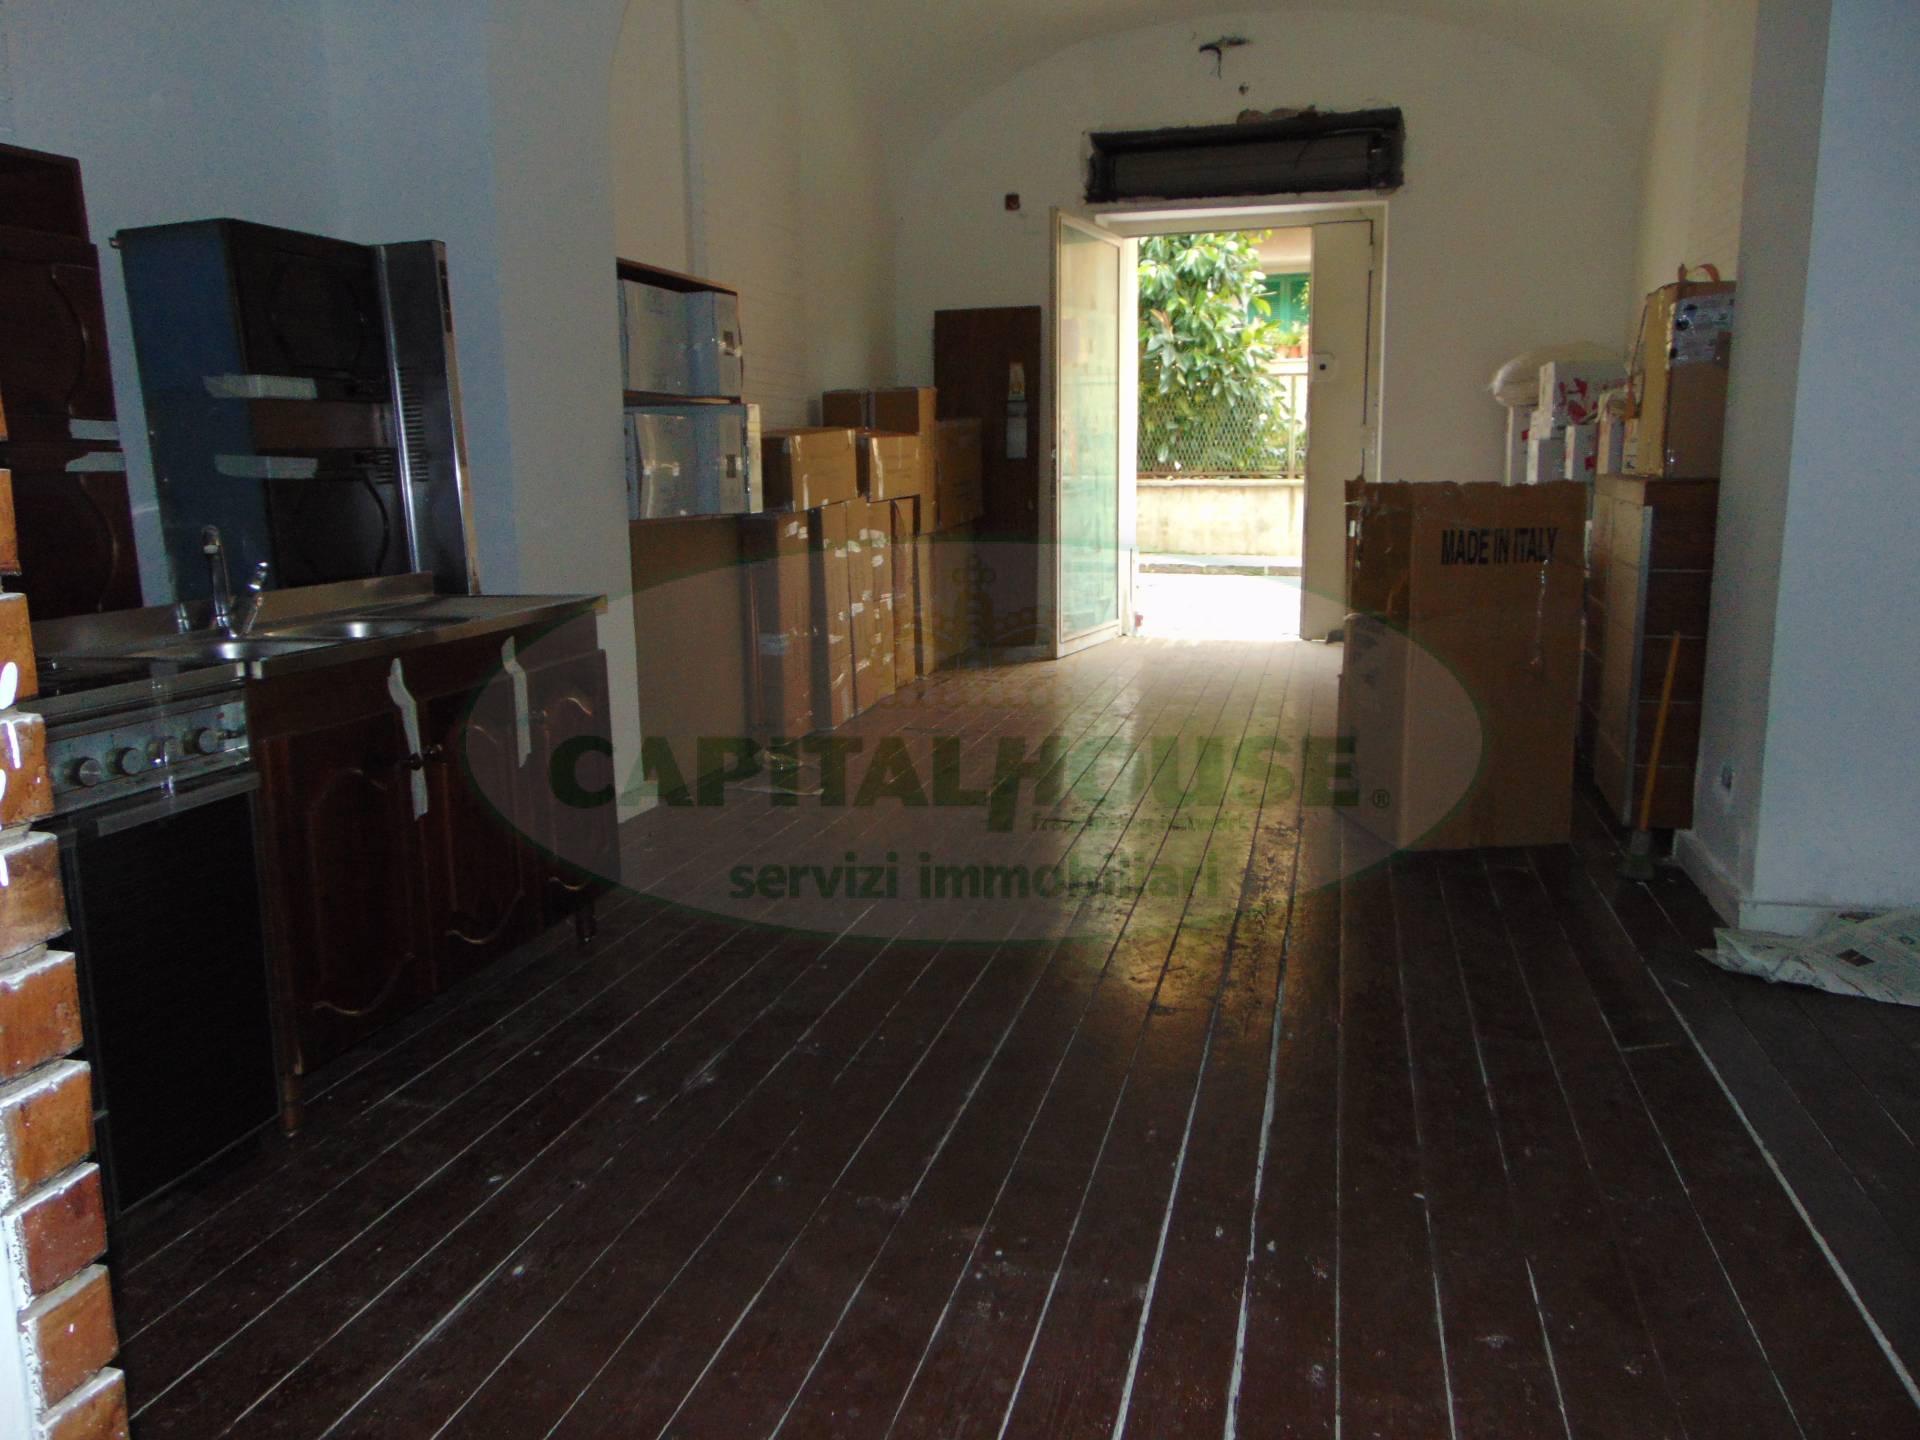 Negozio / Locale in vendita a Santa Maria Capua Vetere, 9999 locali, zona Località: ZonaCorso, prezzo € 55.000 | CambioCasa.it